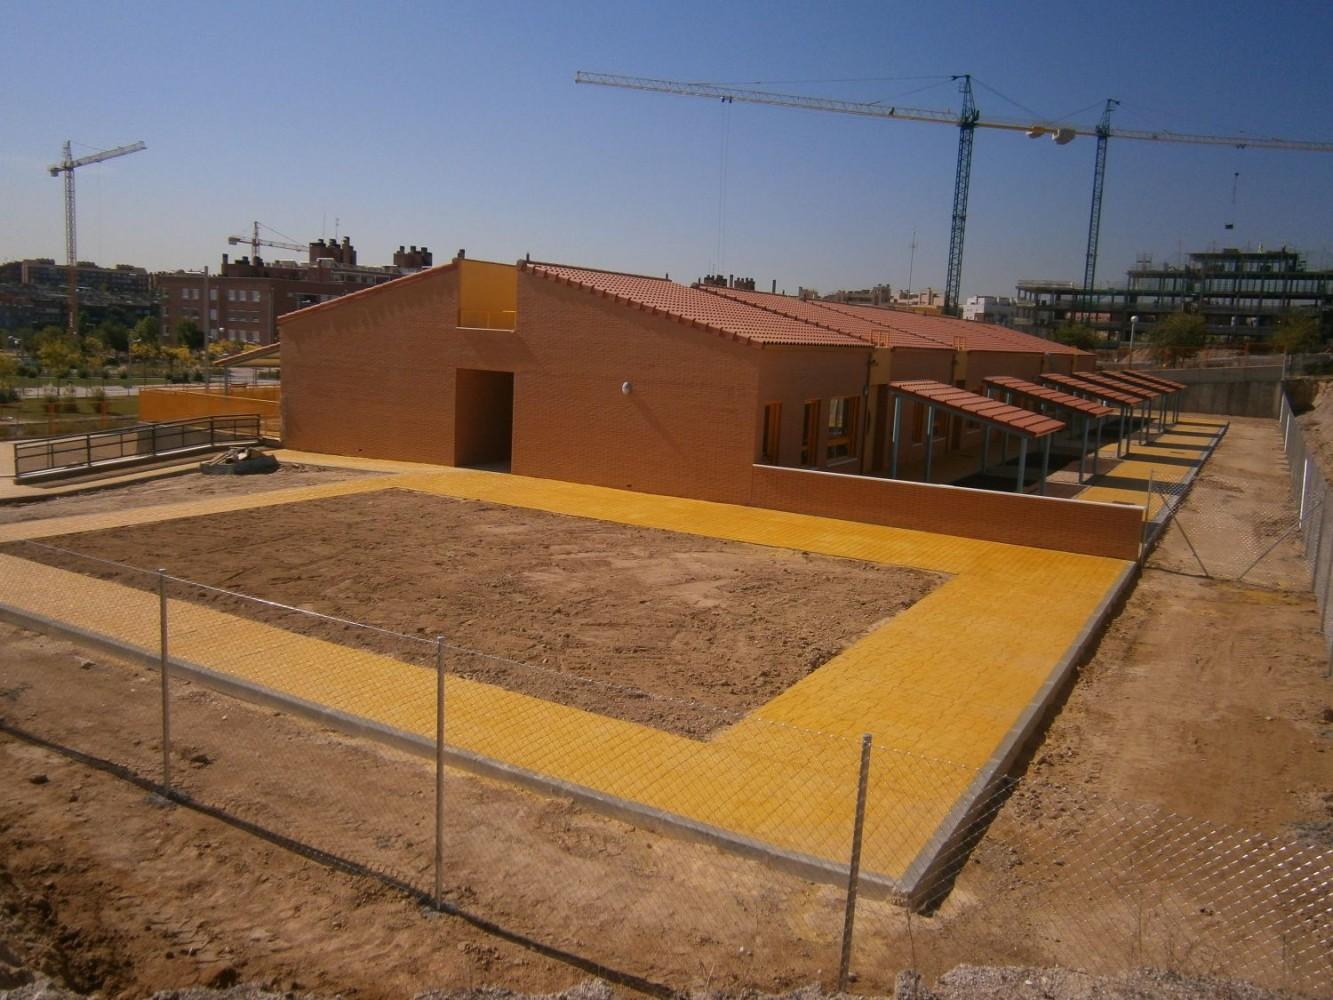 Madrid espa a reynalco sucroal carpinteria de for Piscina municipal coslada